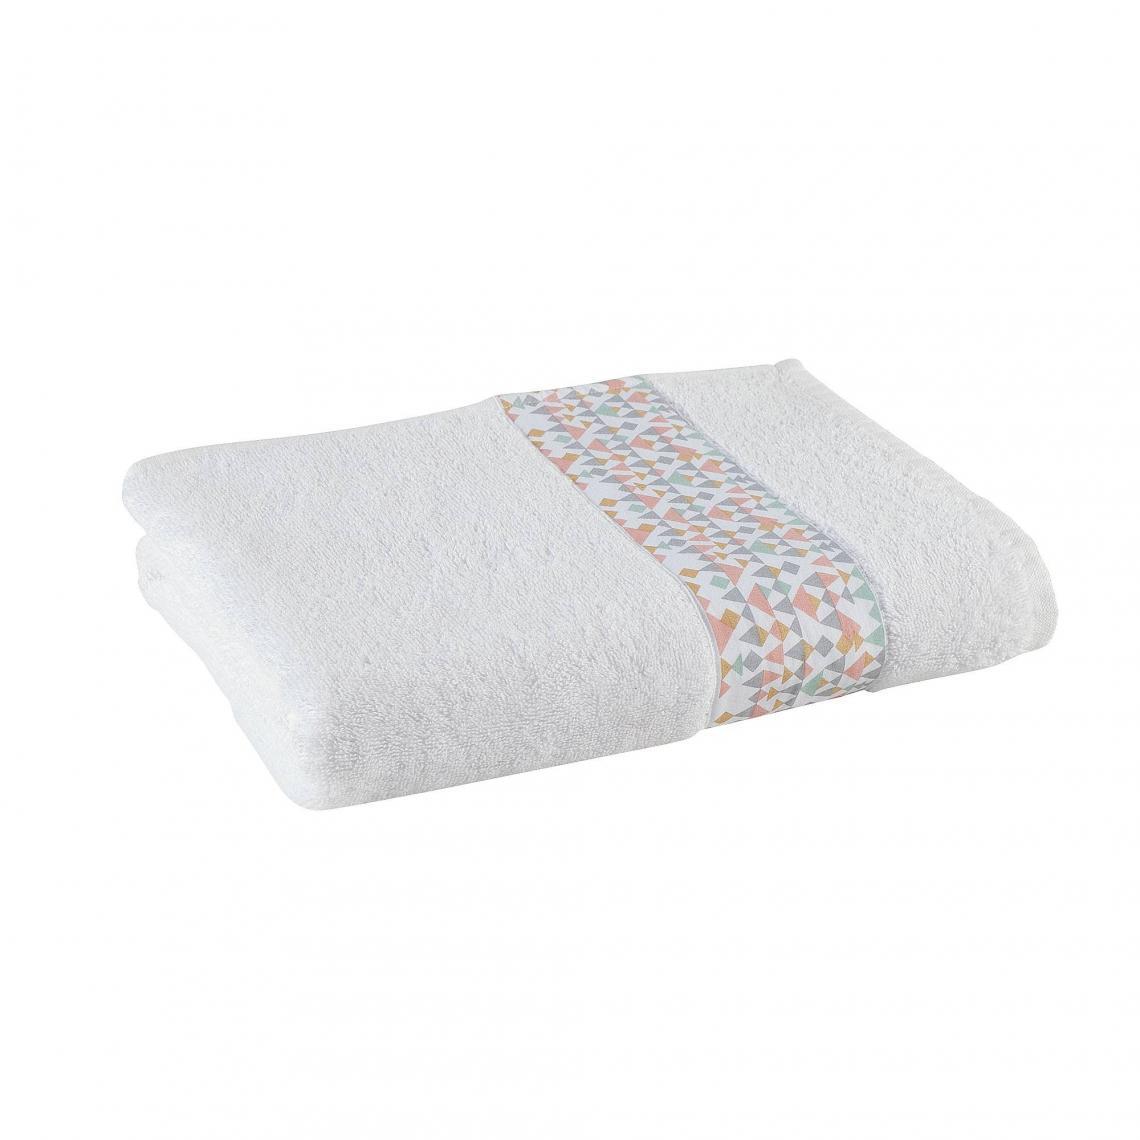 Serviette De Bain Eponge.Serviette De Bain Eponge Coton 400gm Triangle Blanc